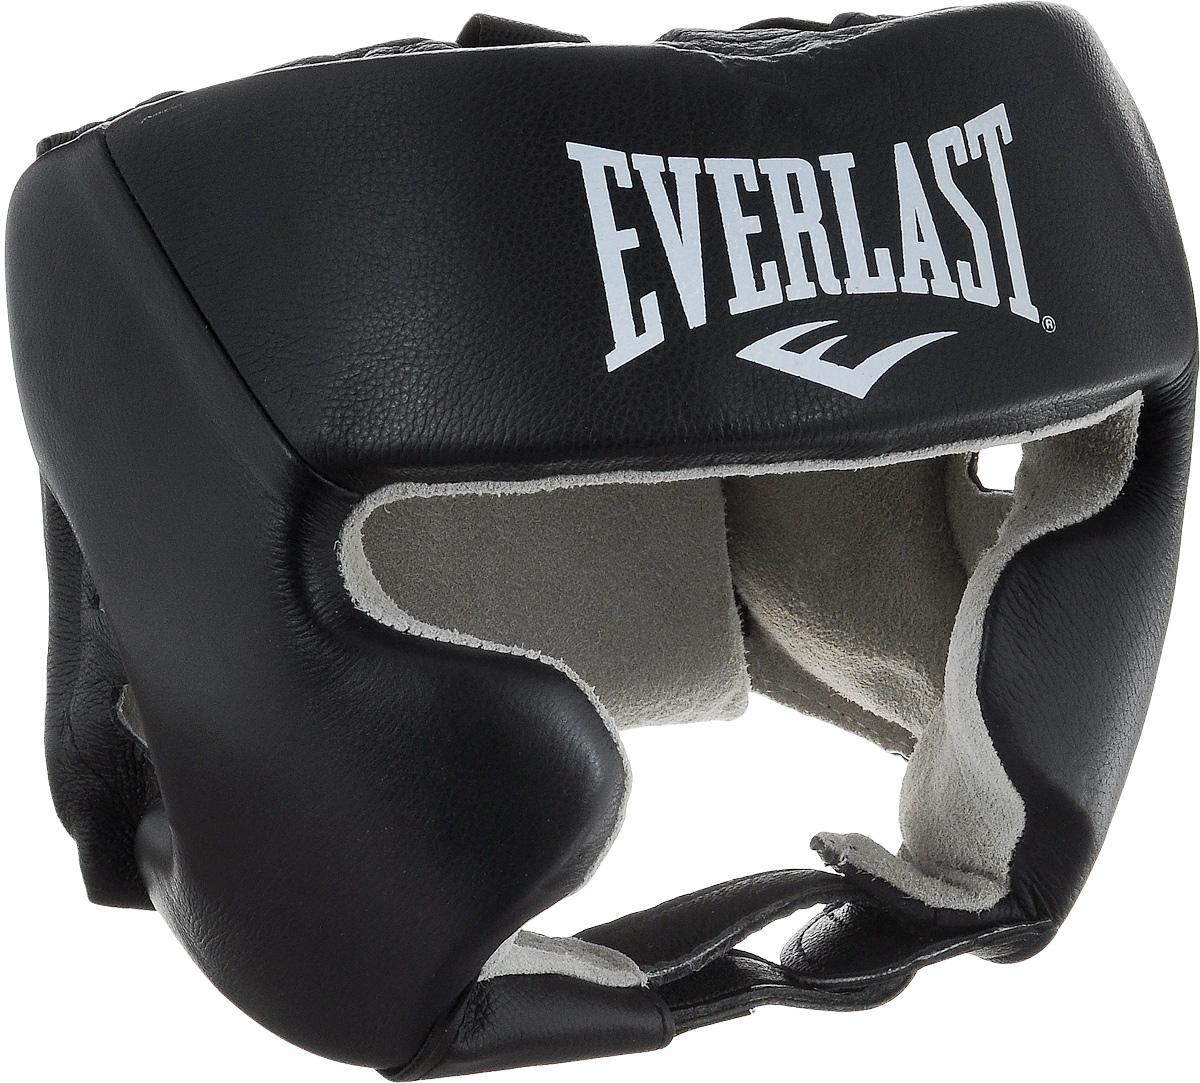 Шлем боксерский Everlast USA Boxing Cheek, с защитой щек, цвет: черный, белый. Размер L610601UEverlast USA Boxing Cheek - боксерский шлем, разработанный для выступления на любительских соревнованиях и одобренный ассоциацией USA Boxing. Плотный четырехслойный пенный наполнитель превосходно амортизирует удары и значительно снижает риск травмы. Качественная натуральная кожа (снаружи) и не менее качественная замша (внутри) обеспечивают значительный запас прочности и отличную износоустойчивость. Подгонка под необходимый размер и фиксация на голове происходят за счет надежной застежки на липучке. Если вы еще ищите шлем для предстоящих соревнований, то Everlast USA Boxing Cheek - это ваш выбор! Диаметр головы: 22 см.